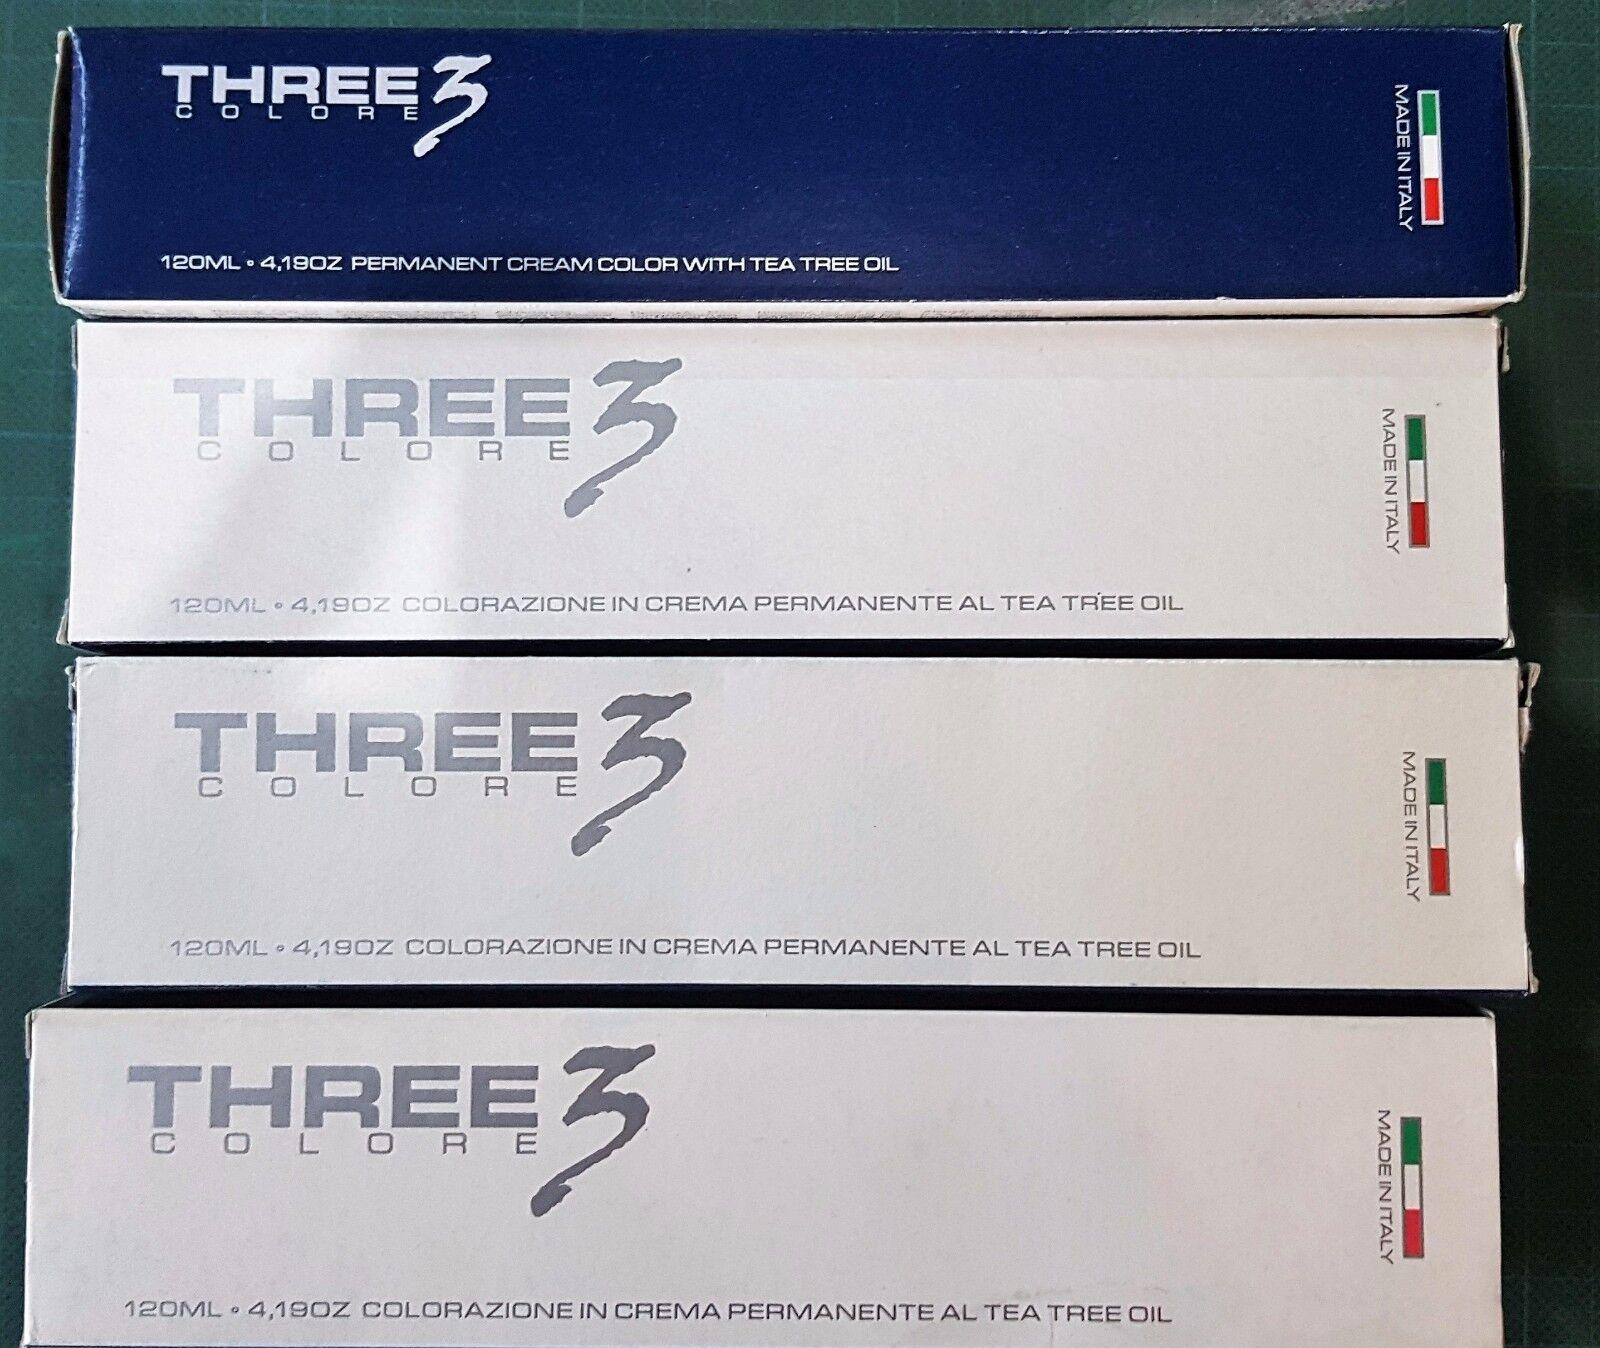 1pz THREE 3 COLORE 120ML 4.032 CIOCCOLATO SCURO  PERMANENTE TEA TREE OIL